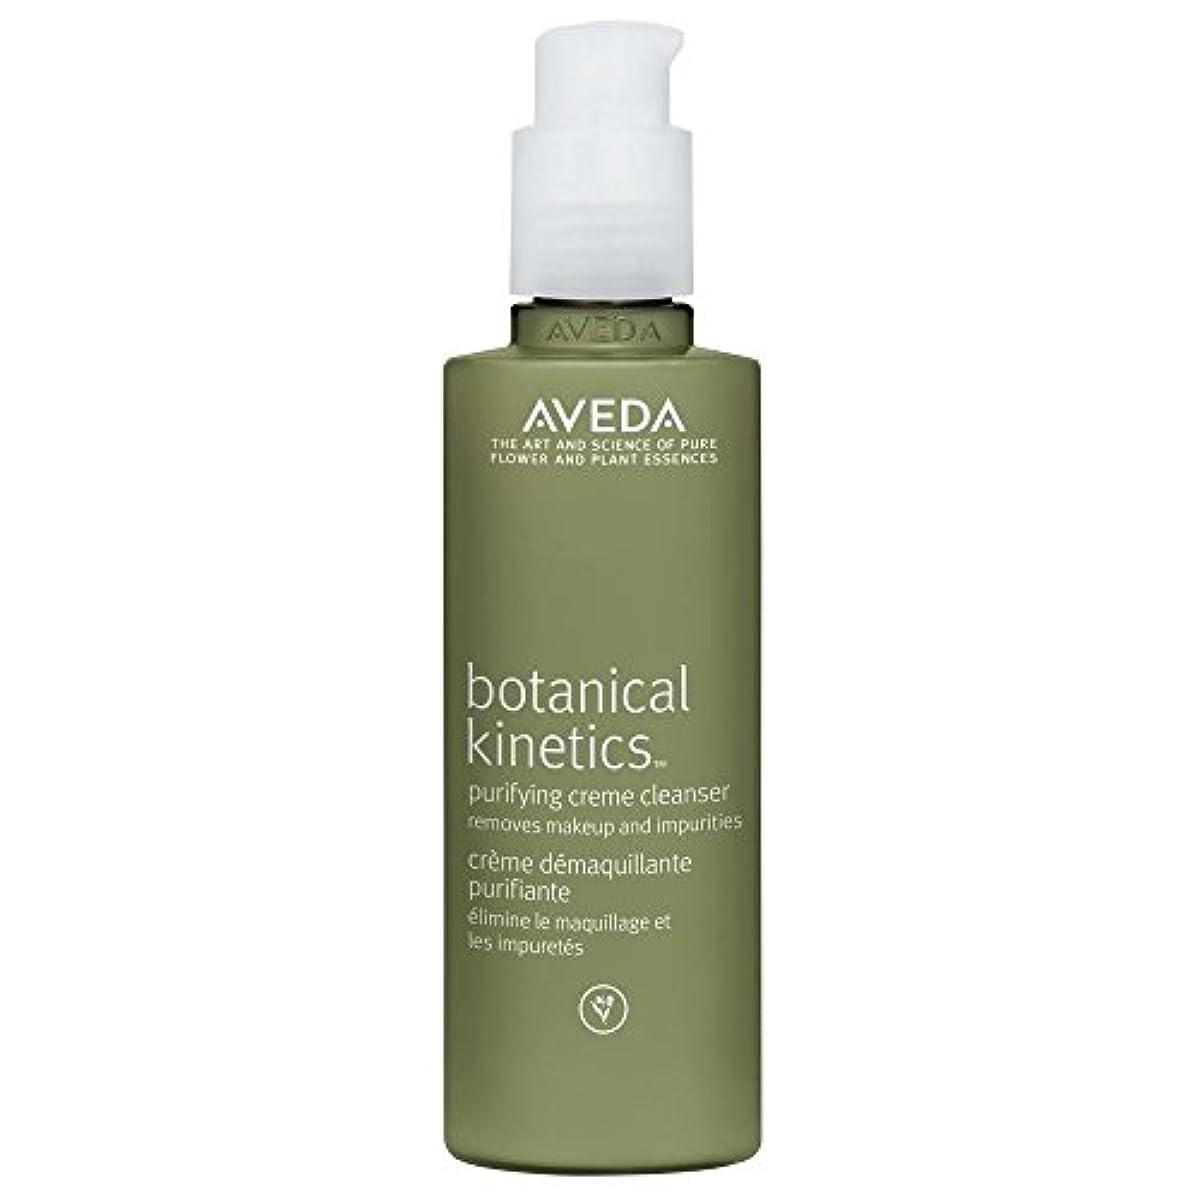 銀河ブリリアント乏しい[AVEDA] アヴェダボタニカルキネティクス浄化クリームクレンザー、500ミリリットル - Aveda Botanical Kinetics Purifying Creme Cleanser, 500ml [並行輸入品]